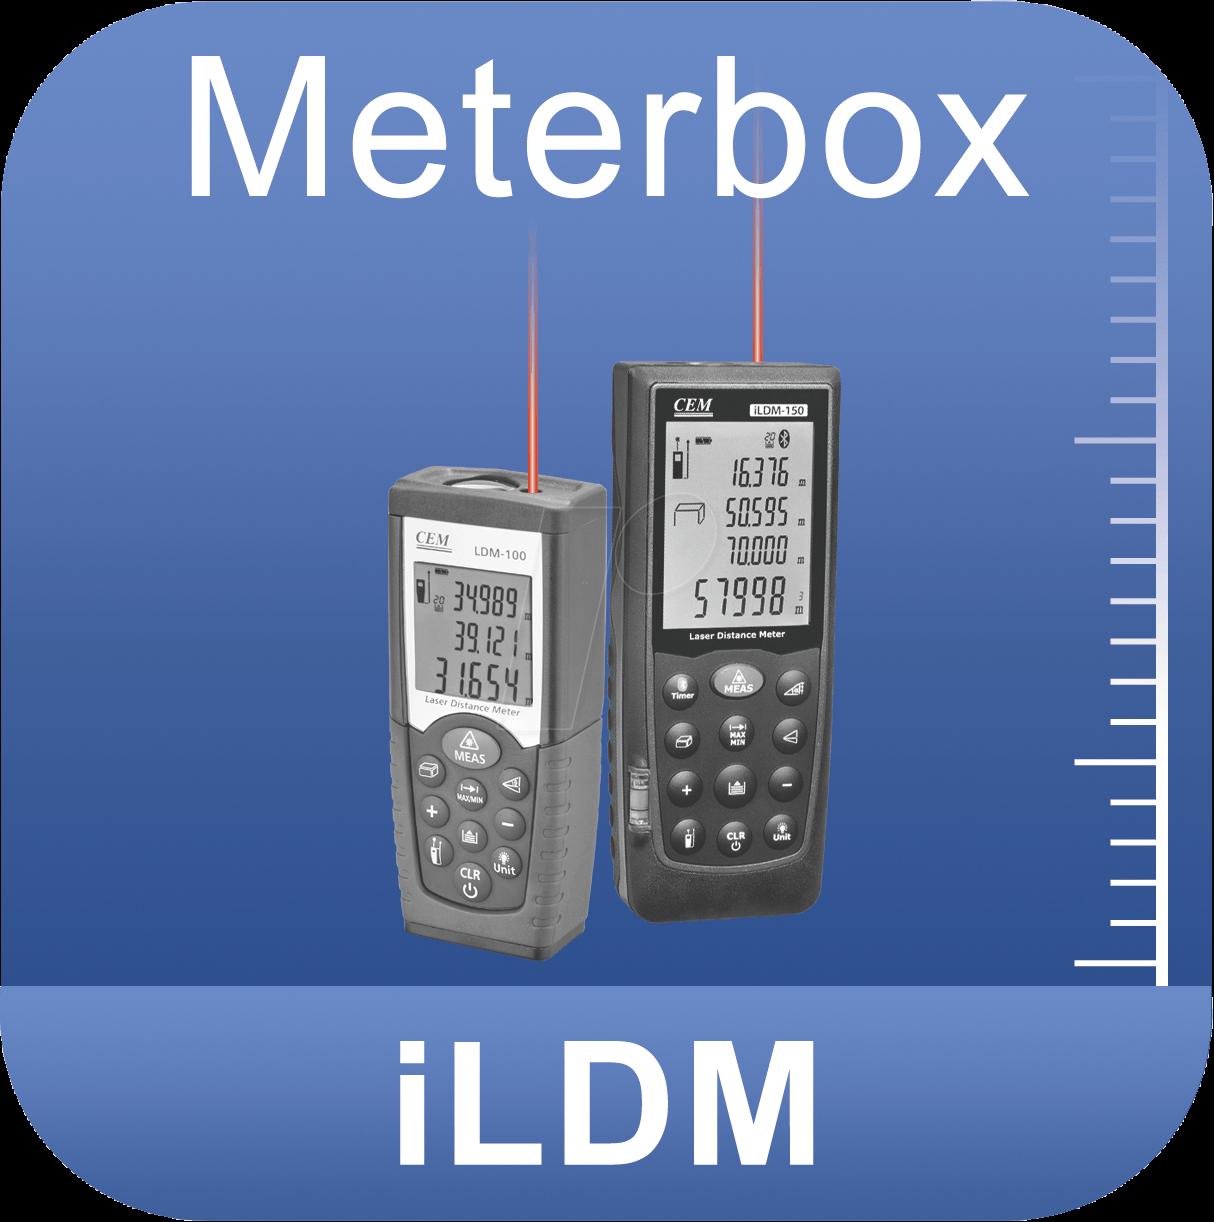 https://cdn-reichelt.de/bilder/web/xxl_ws/D100/CEM_ILDM-150_METERBOX.png